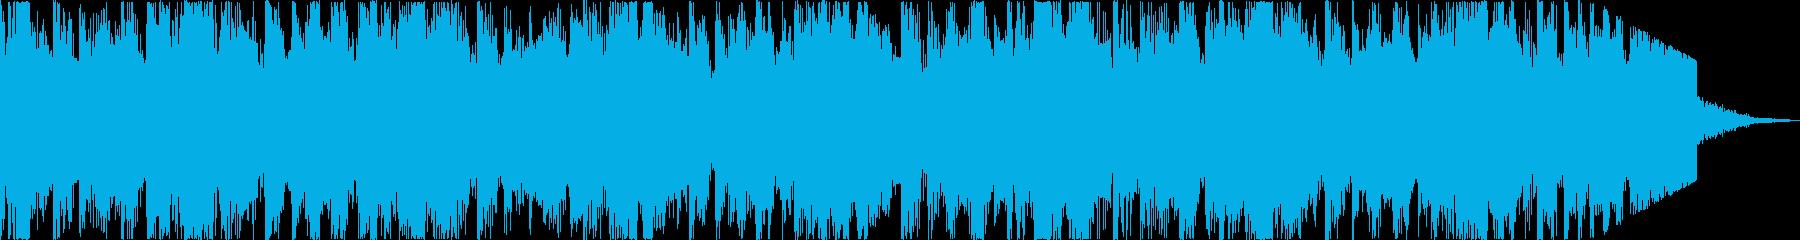 軽快おしゃれニューディスコエレクトロdの再生済みの波形